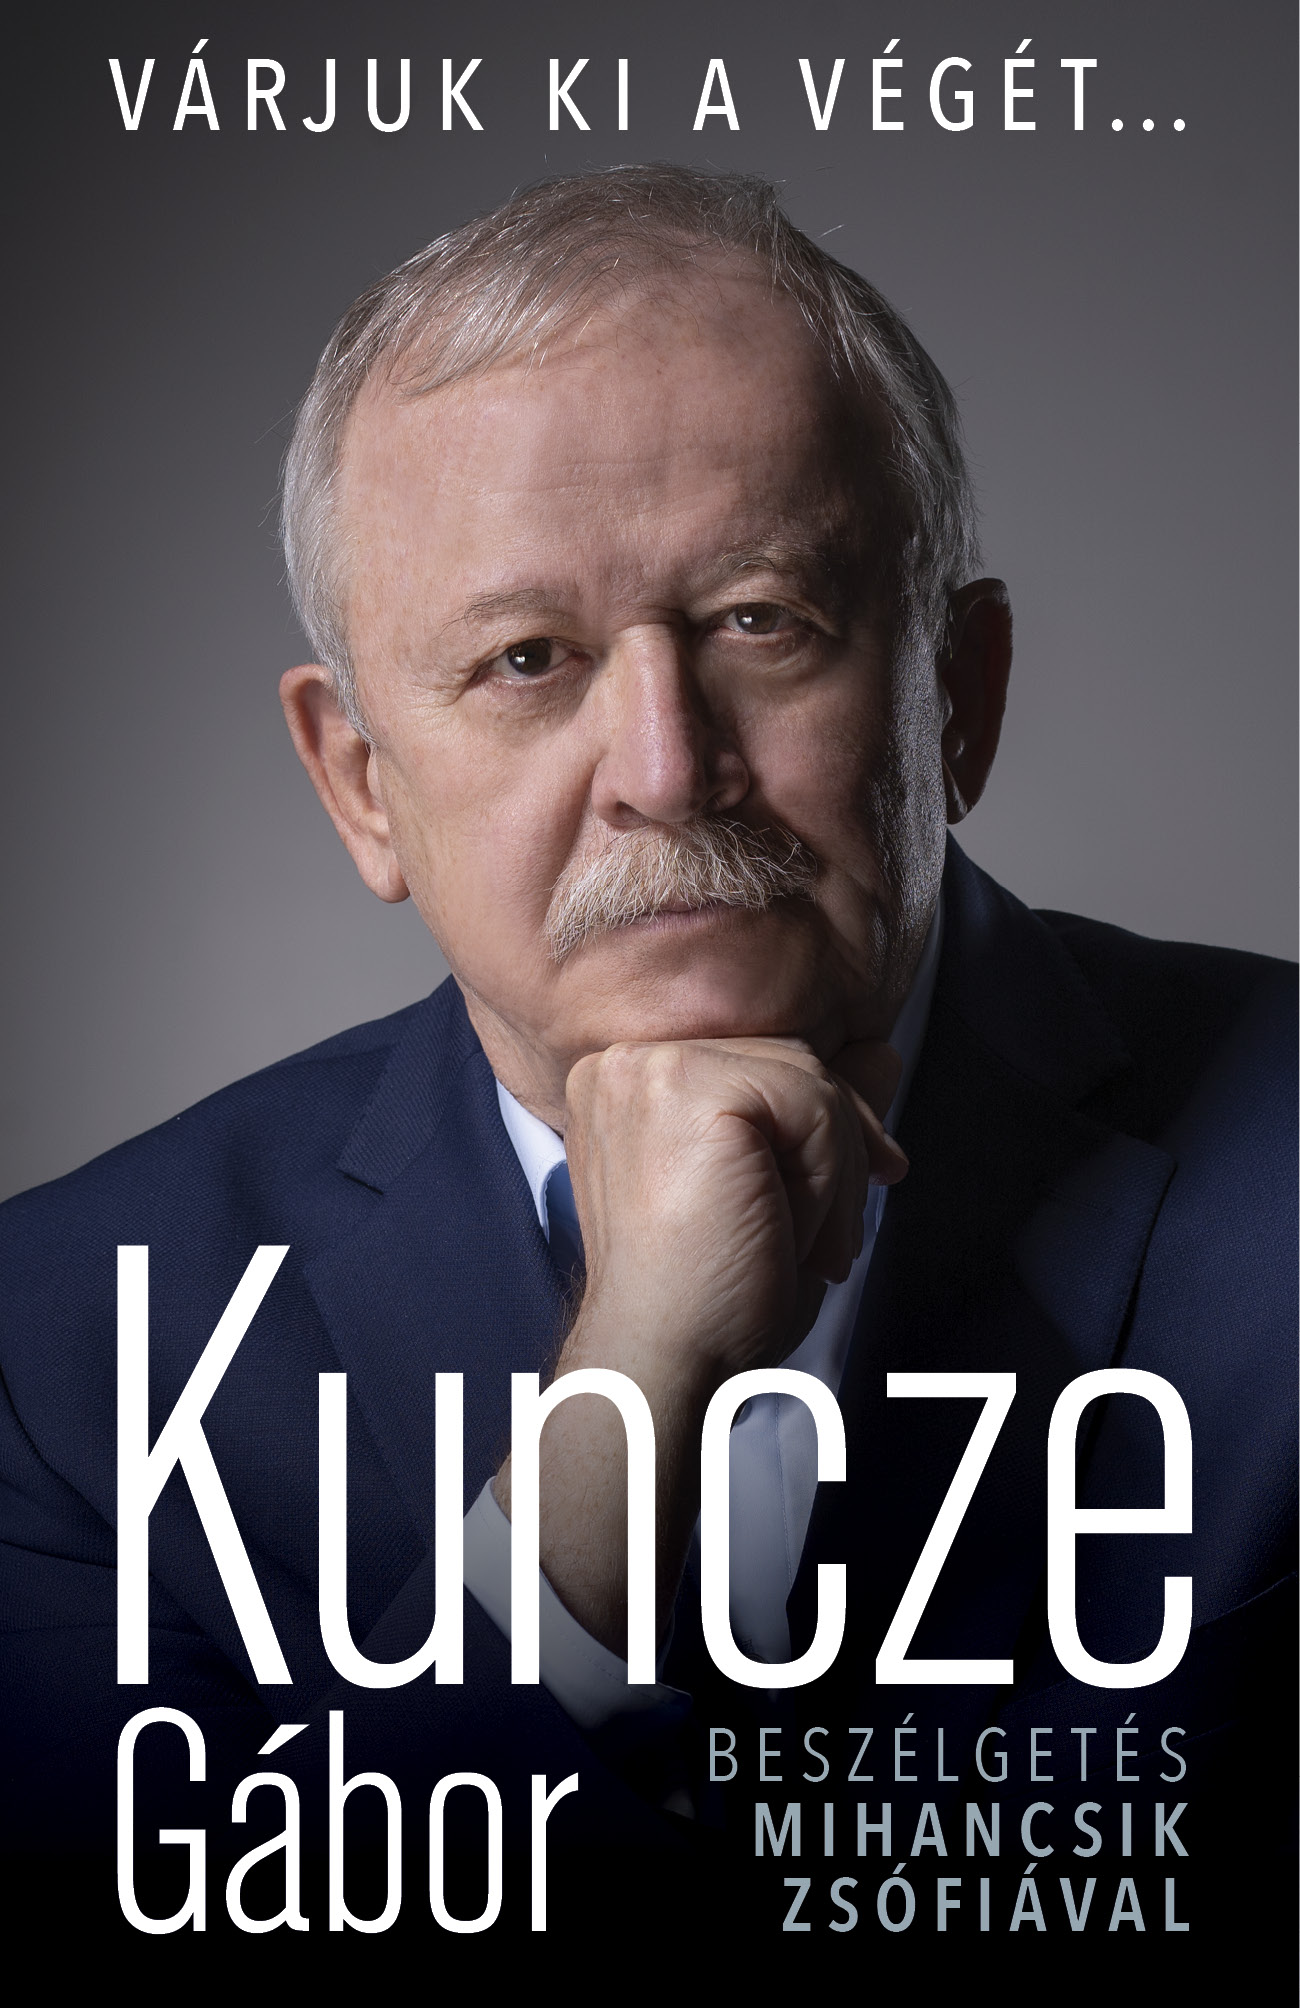 Kuncze Gábor - Várjuk ki a végét...